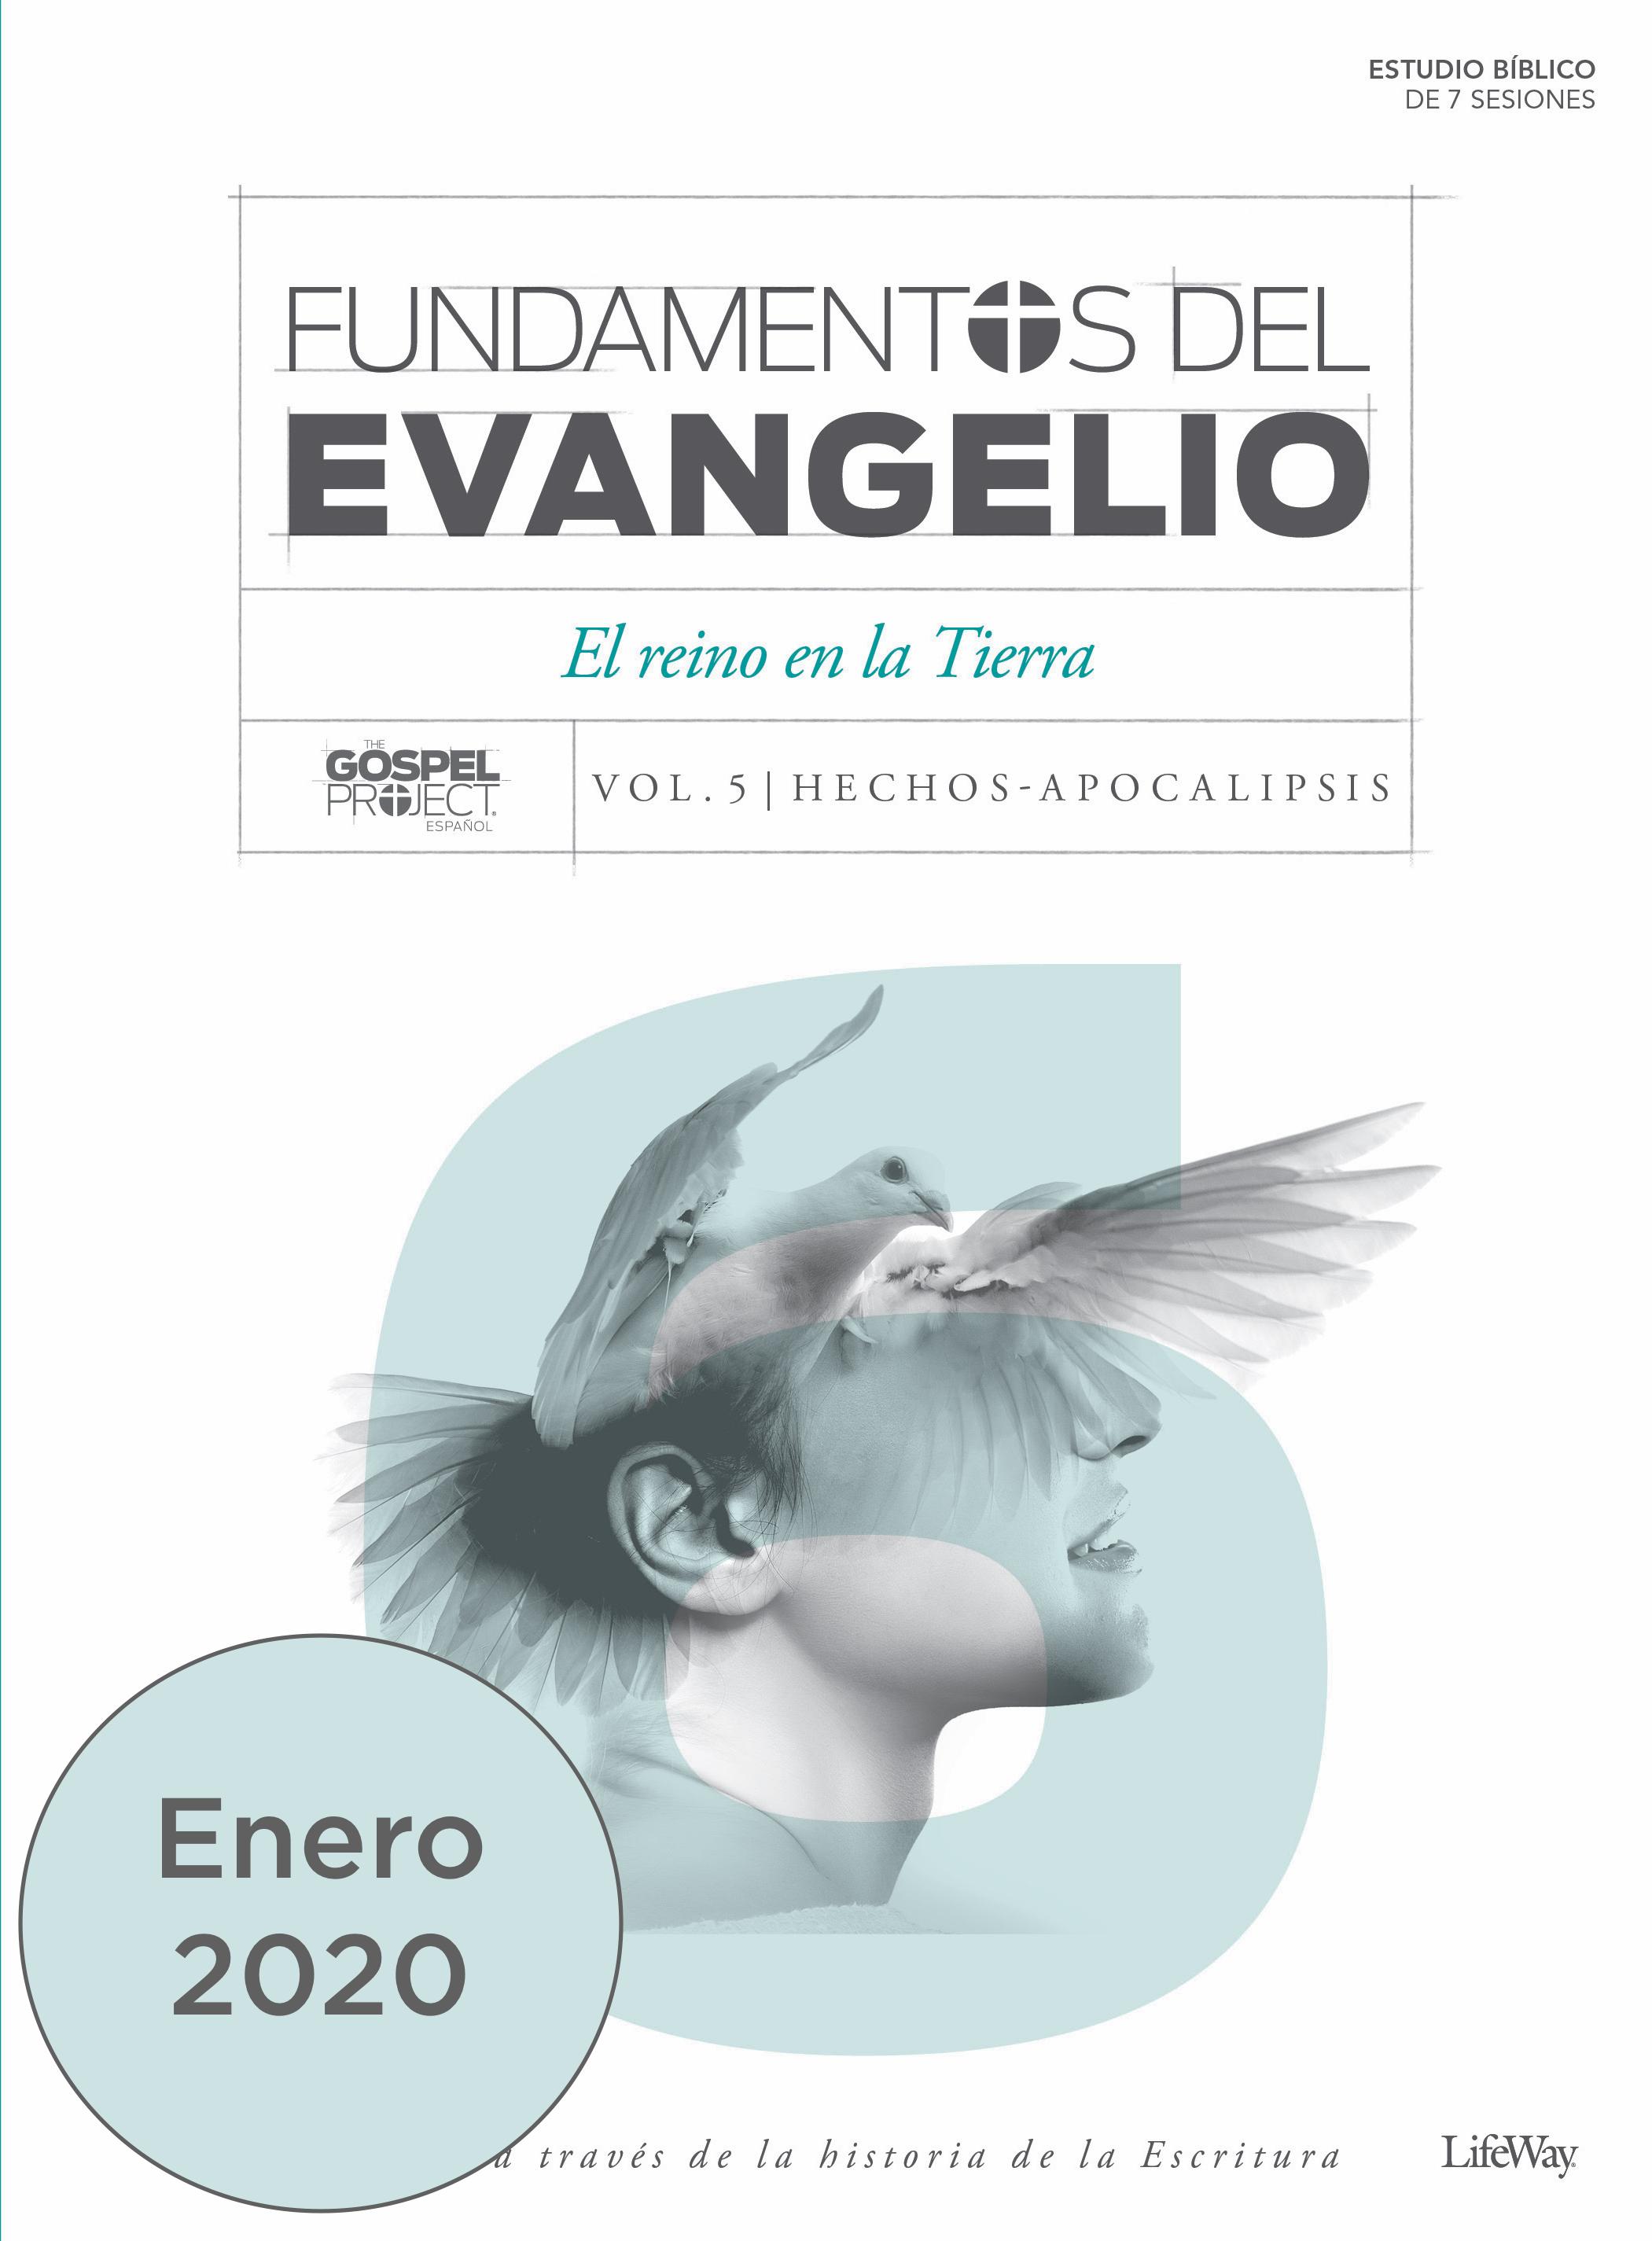 Volume 6: Fundamentos del Evangelio, Volumen 6 - El reino en la Tierra | Enero 2020